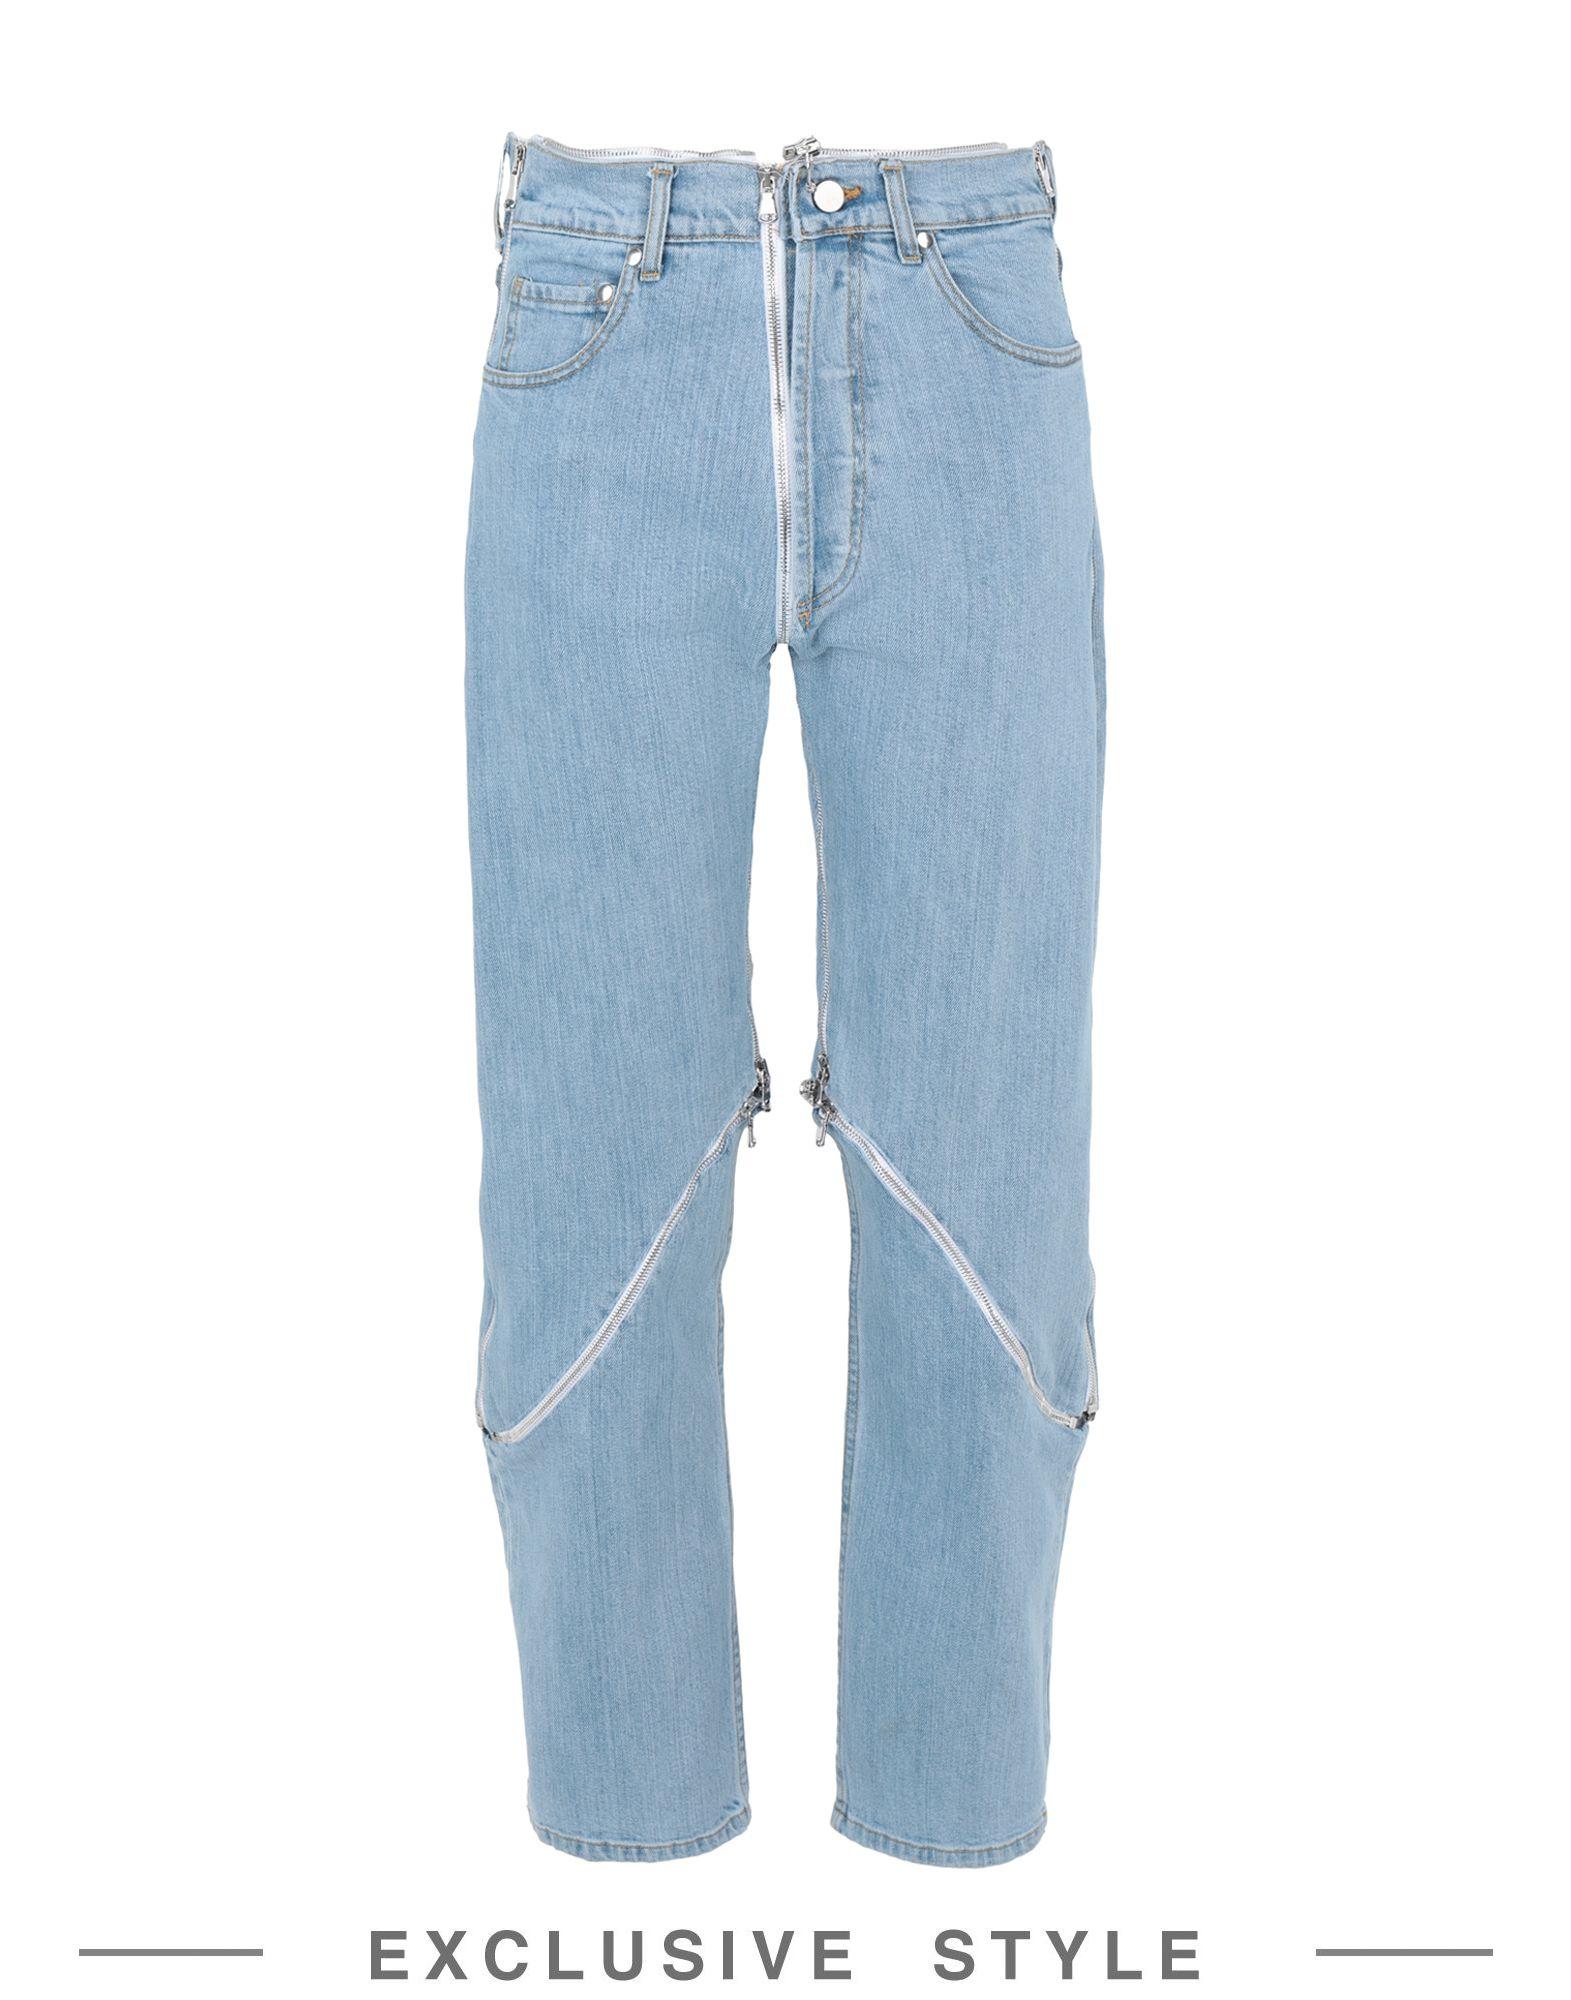 купить джинсы на флисе мужские в новосибирске